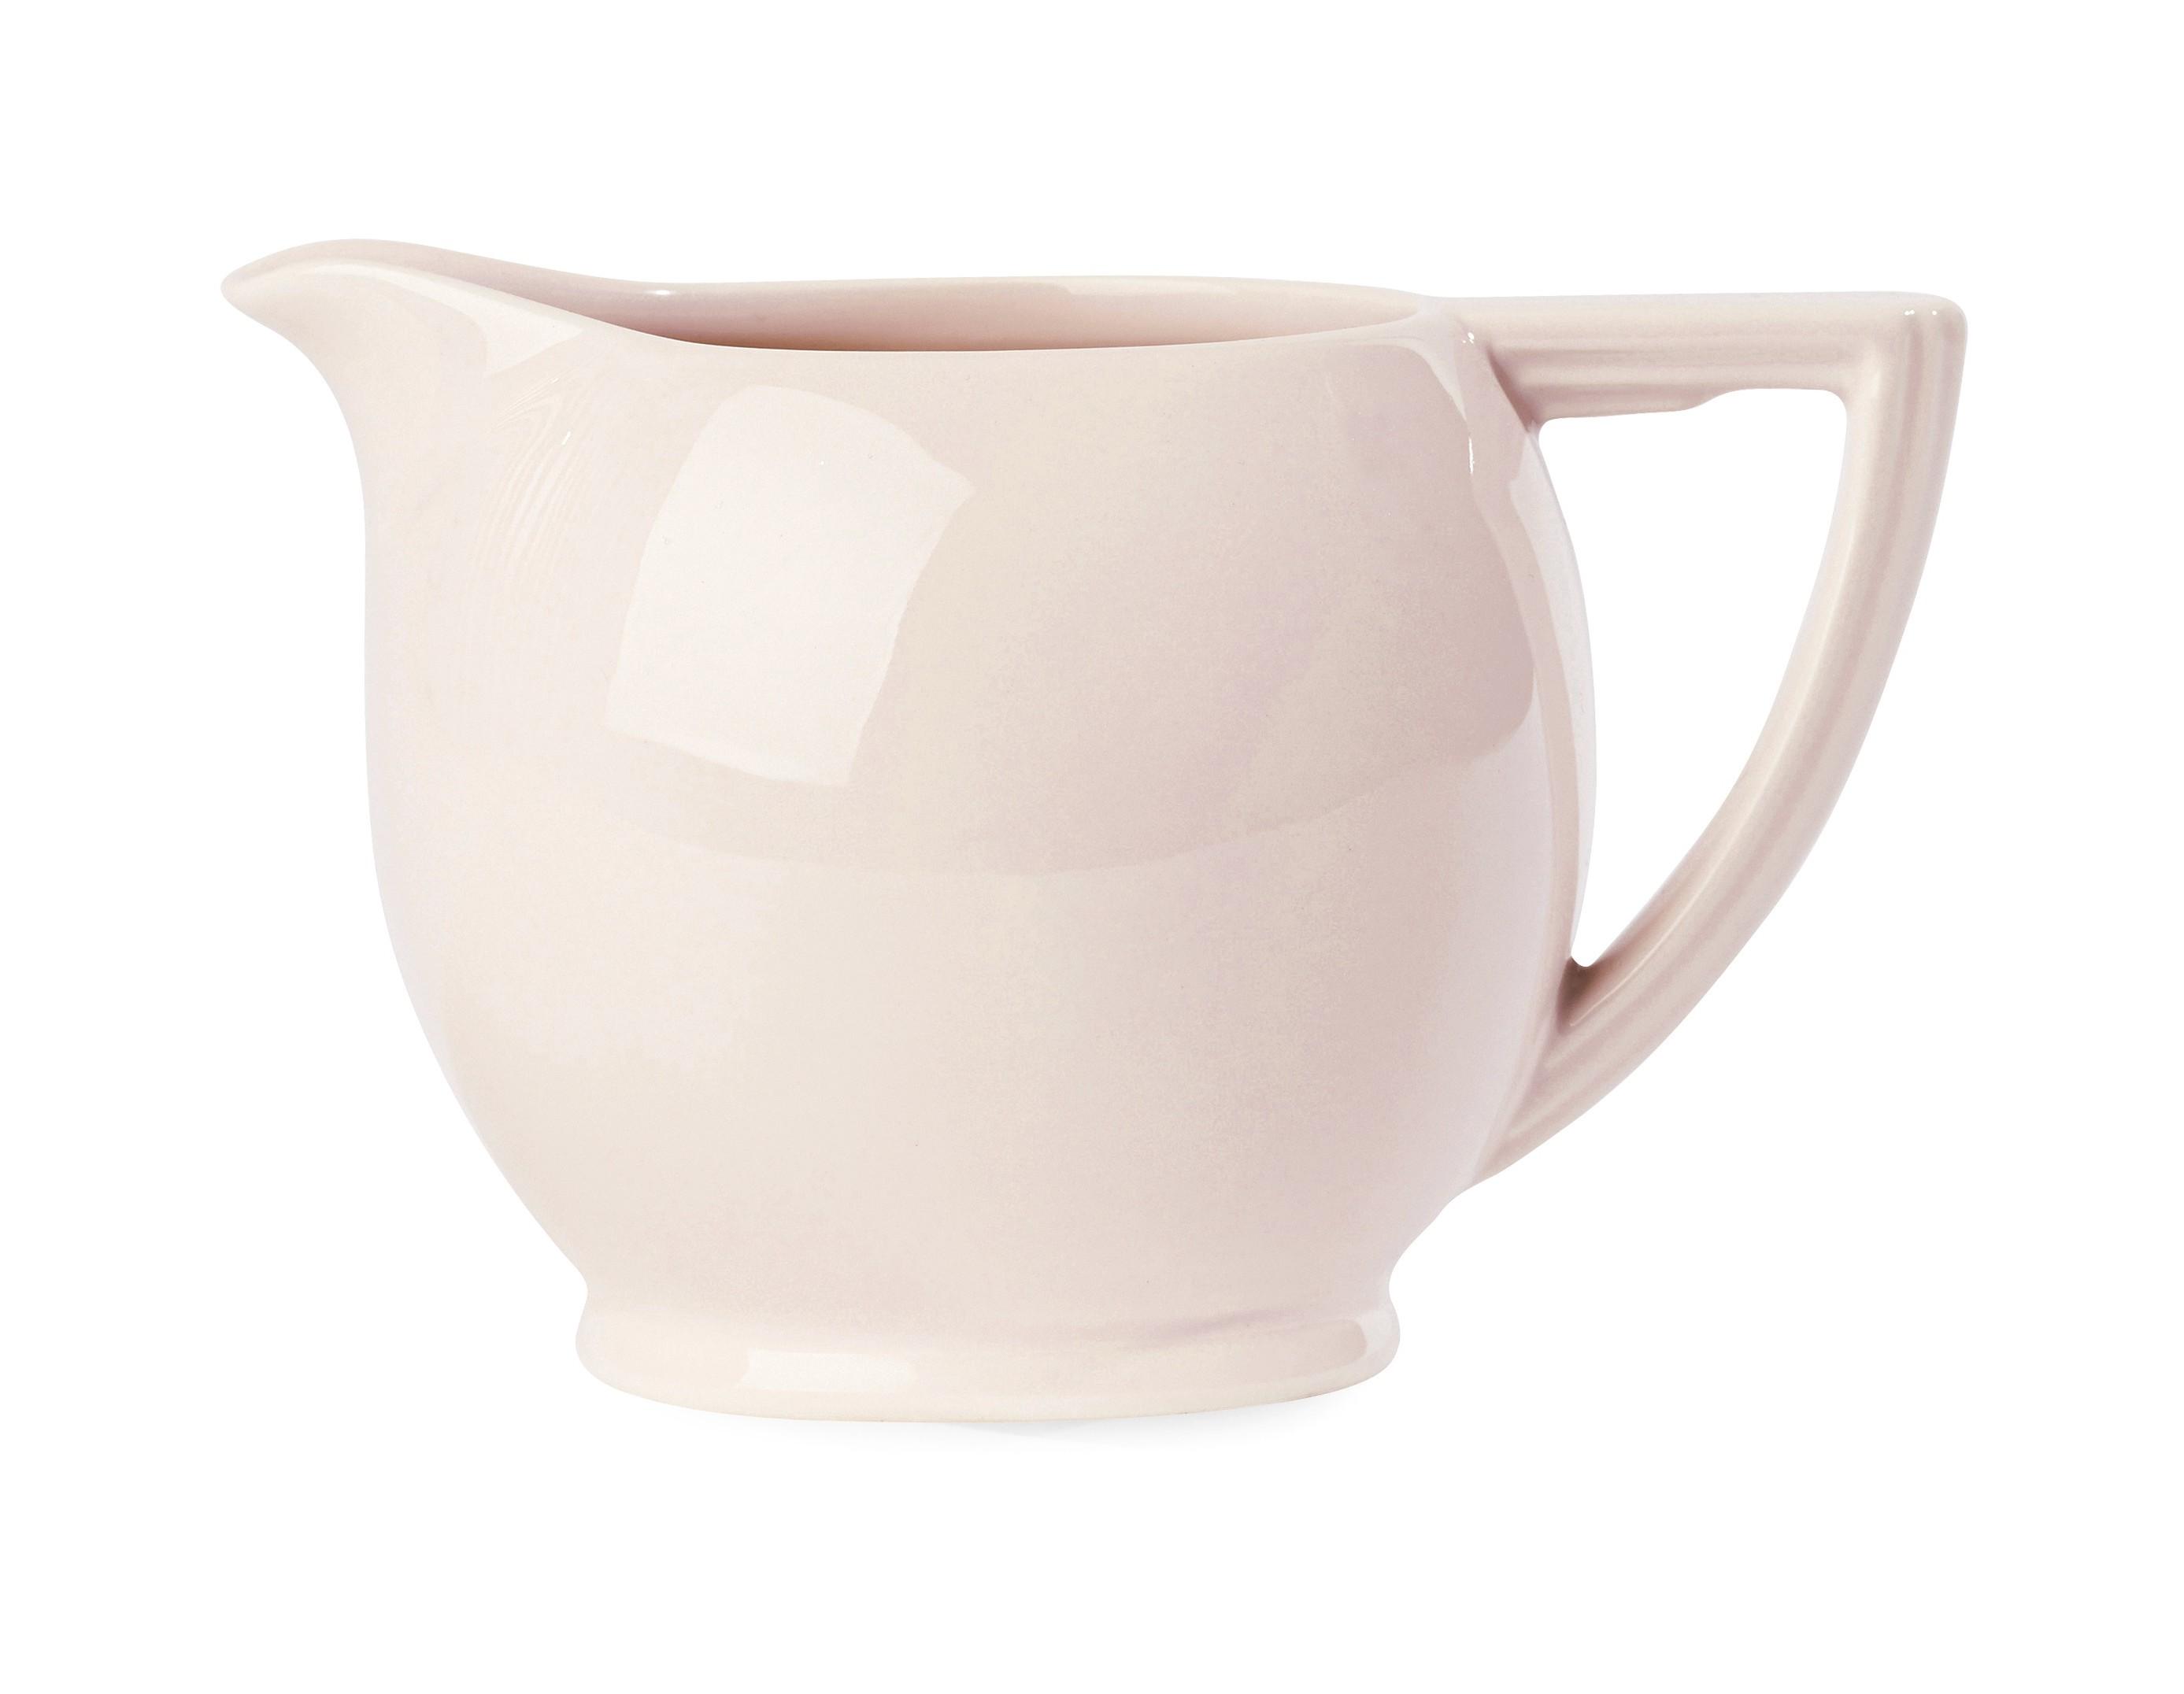 КувшинКувшины и графины<br>Вся посуда Miss Etoile специально создается так, чтобы сочетаться с другими предметами, подходить друг к другу формой, узором и цветом и не терять свою актуальность со временем. Наоборот, при взгляде на них складывается впечатление, что что-то осталось на память от любимой бабушки, а что-то куплено в антикварной лавке.<br><br>Material: Керамика<br>Ширина см: 18<br>Высота см: 12<br>Глубина см: 10